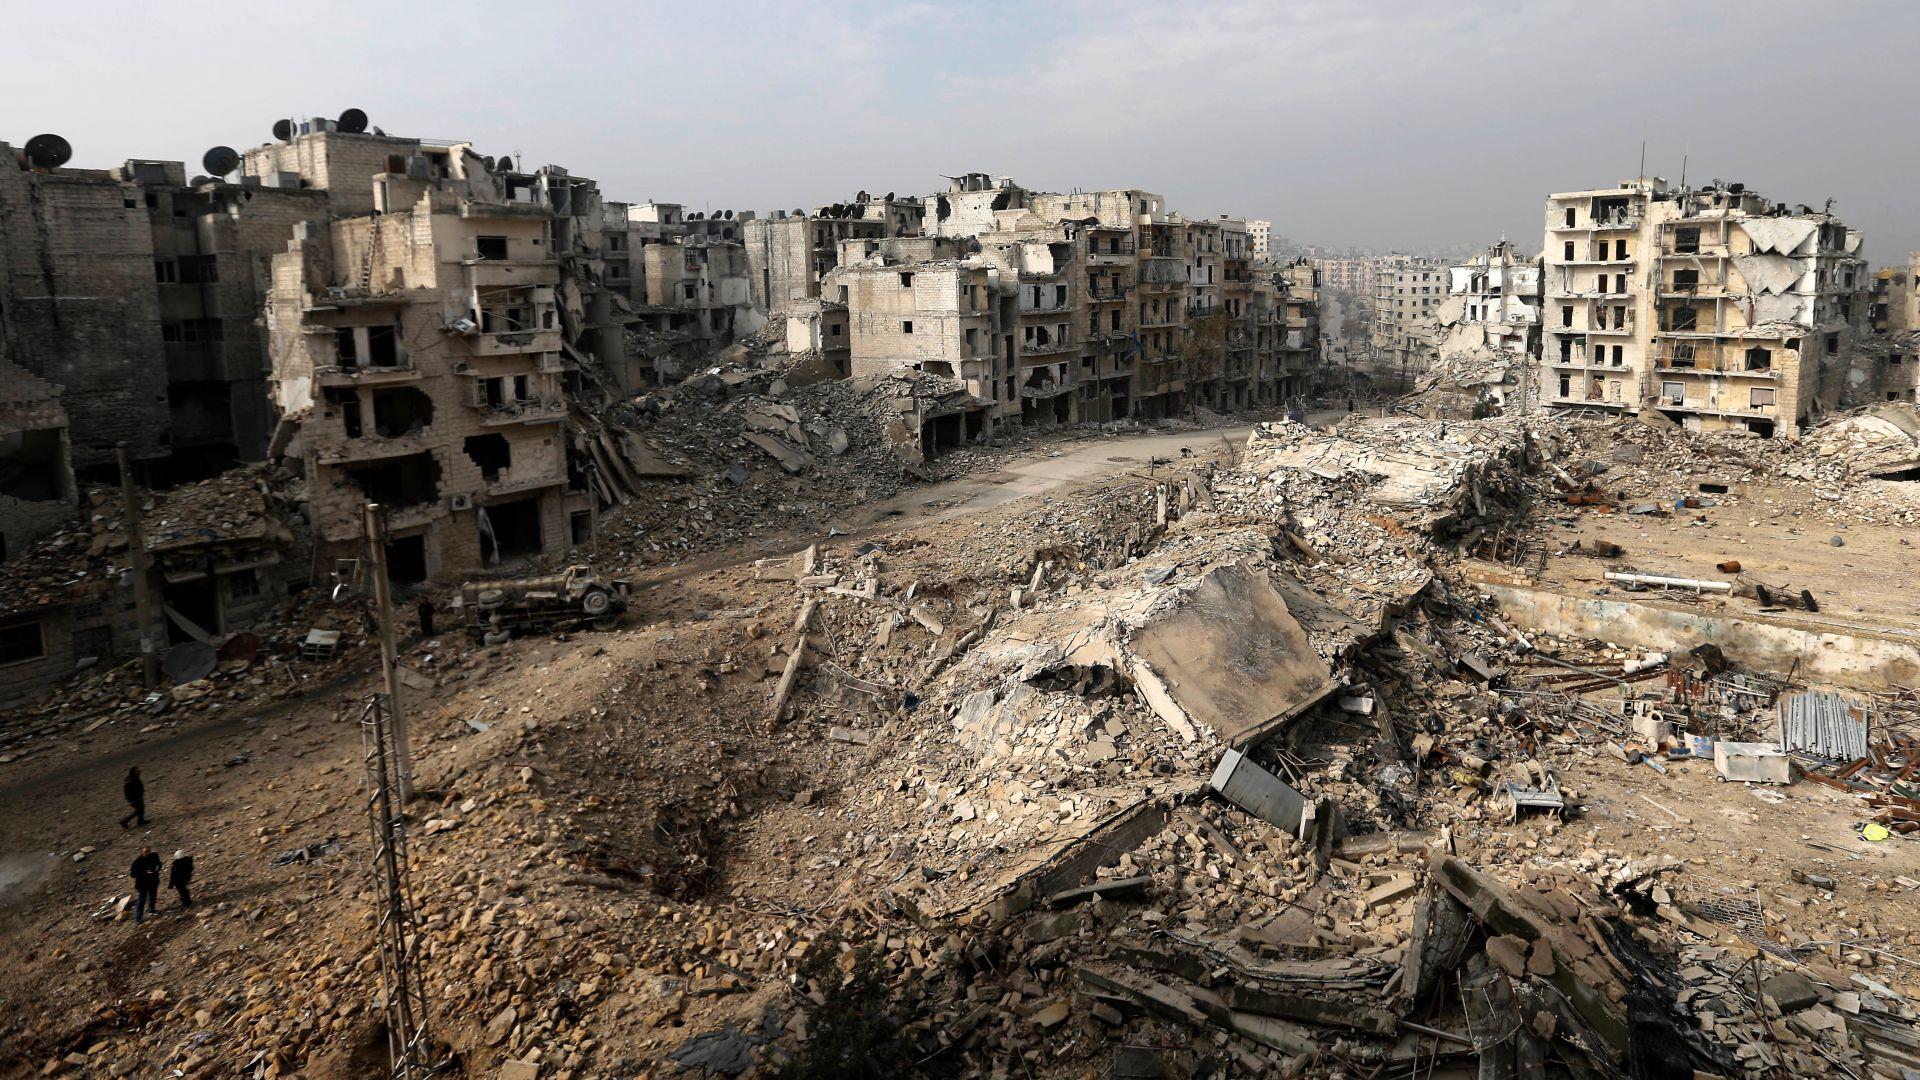 20 души са убити при взрив в Алепо